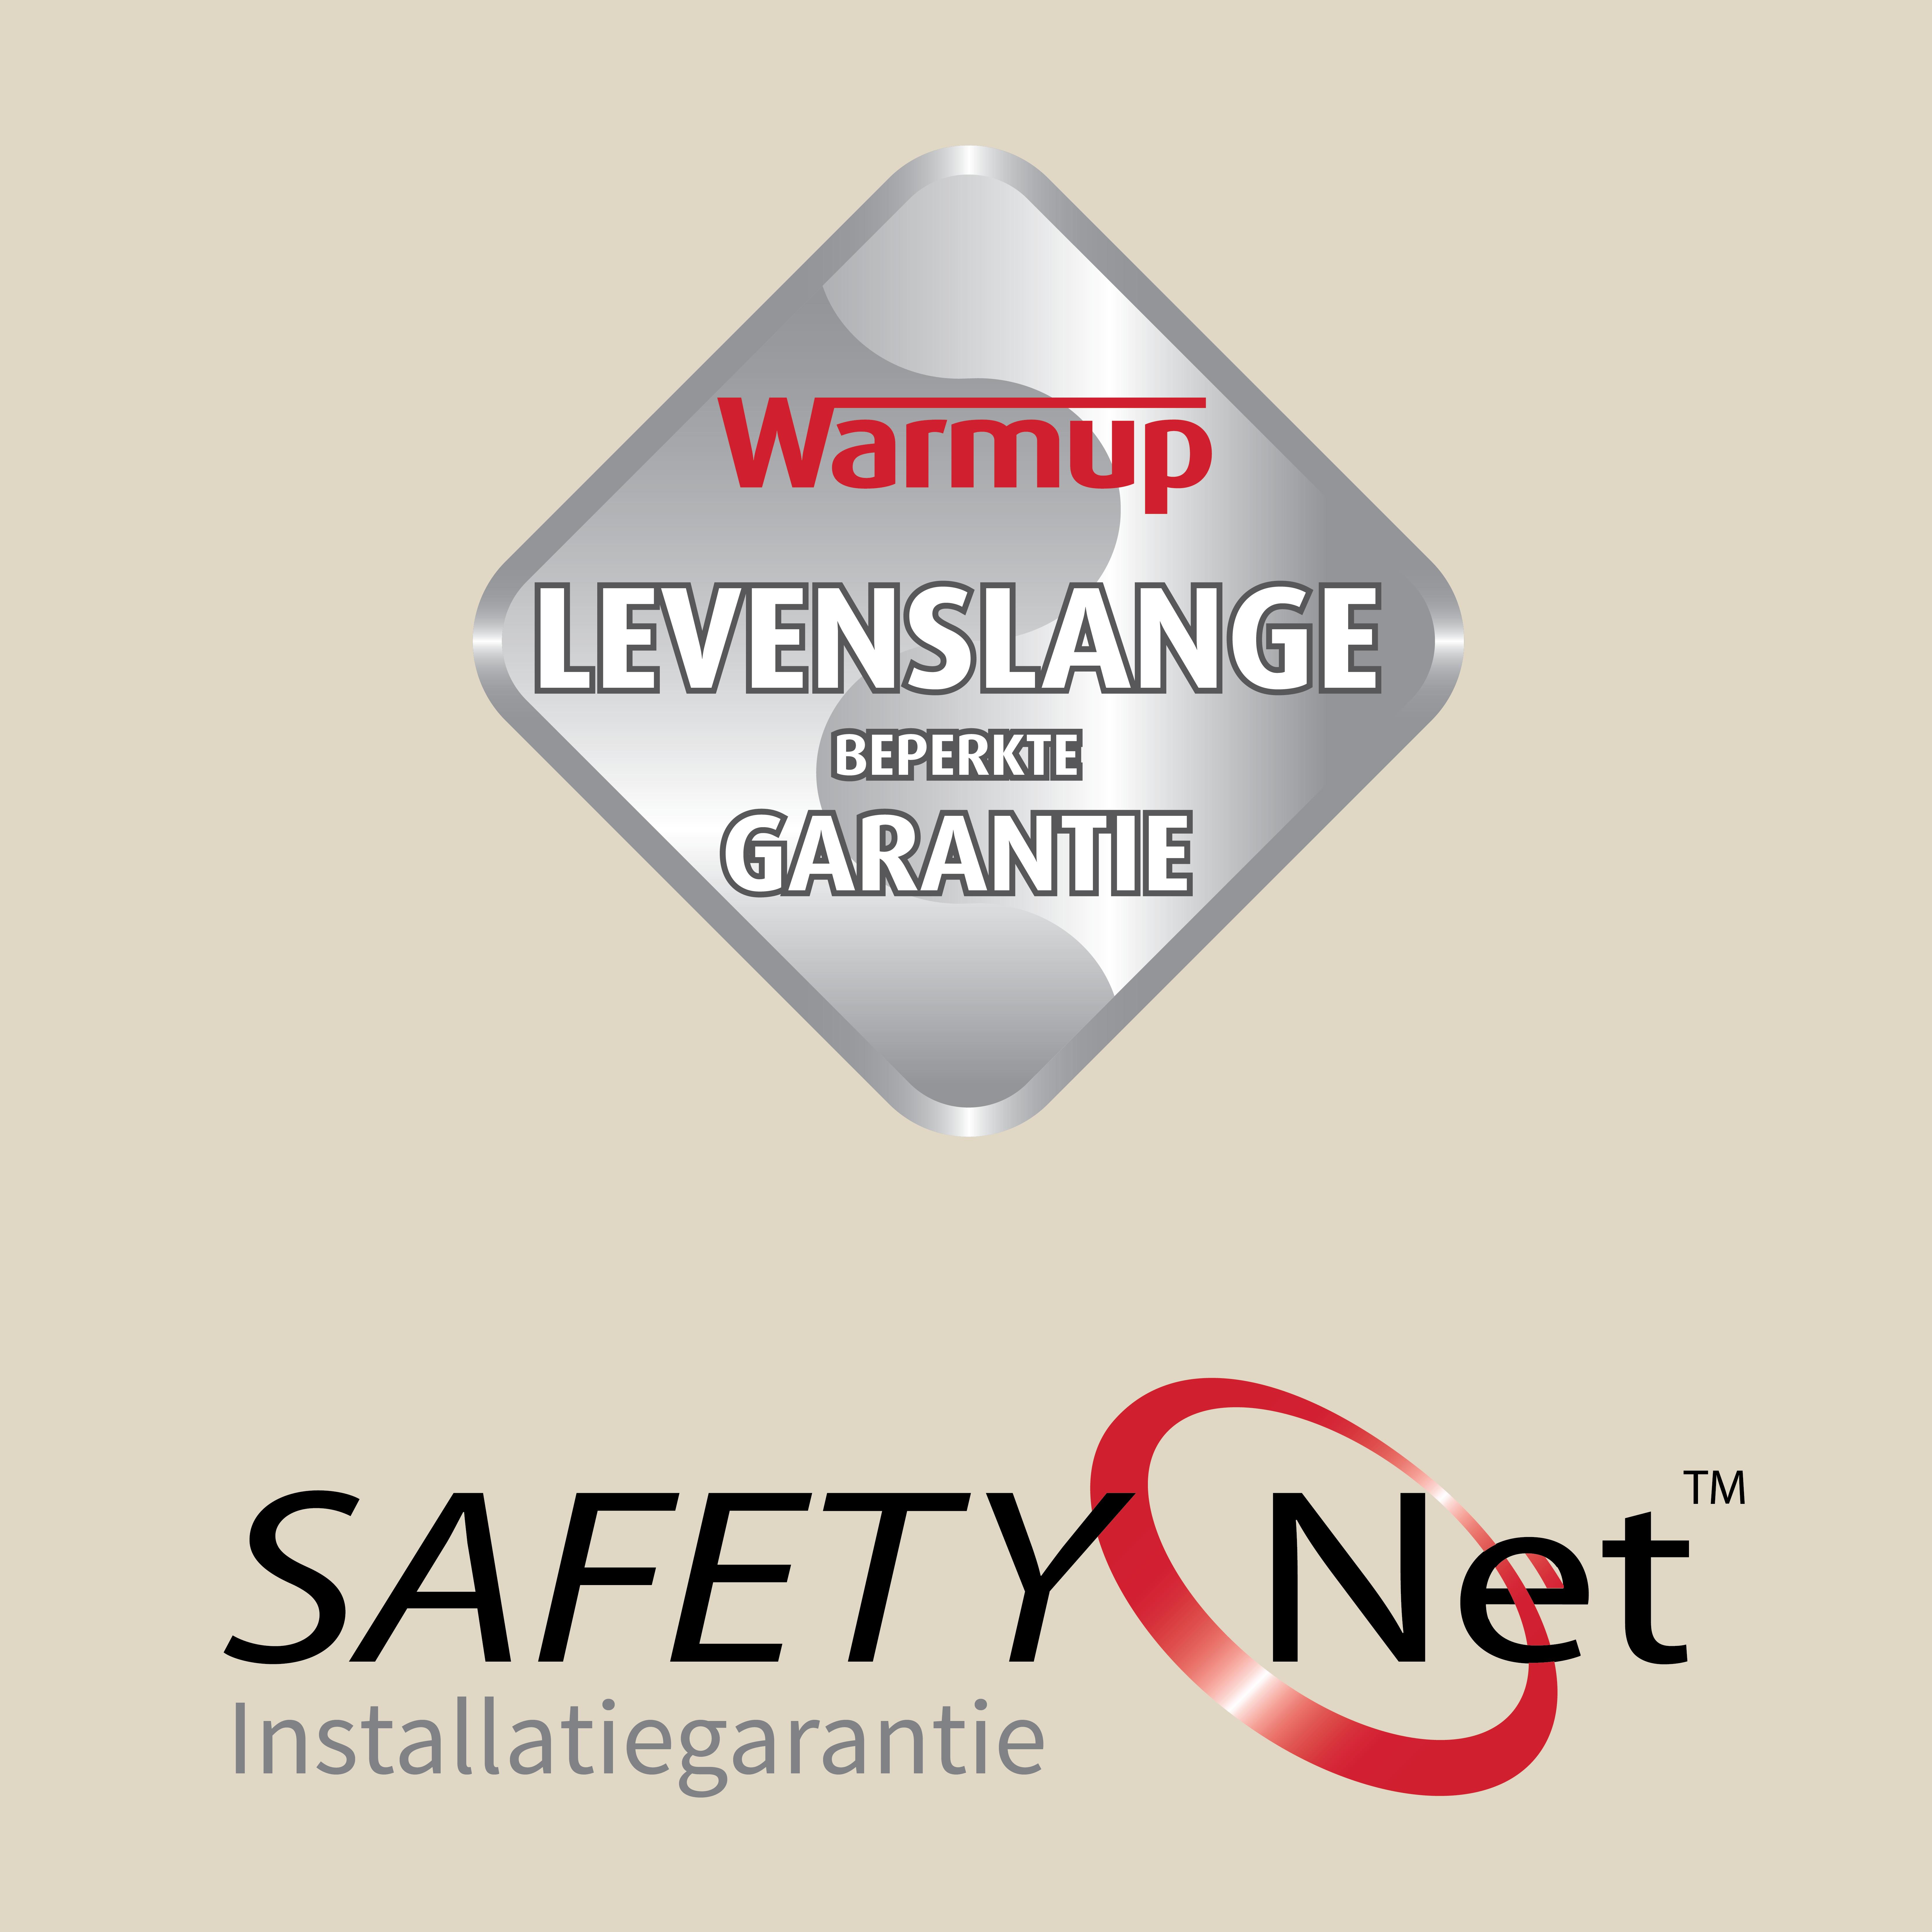 Best Warranties